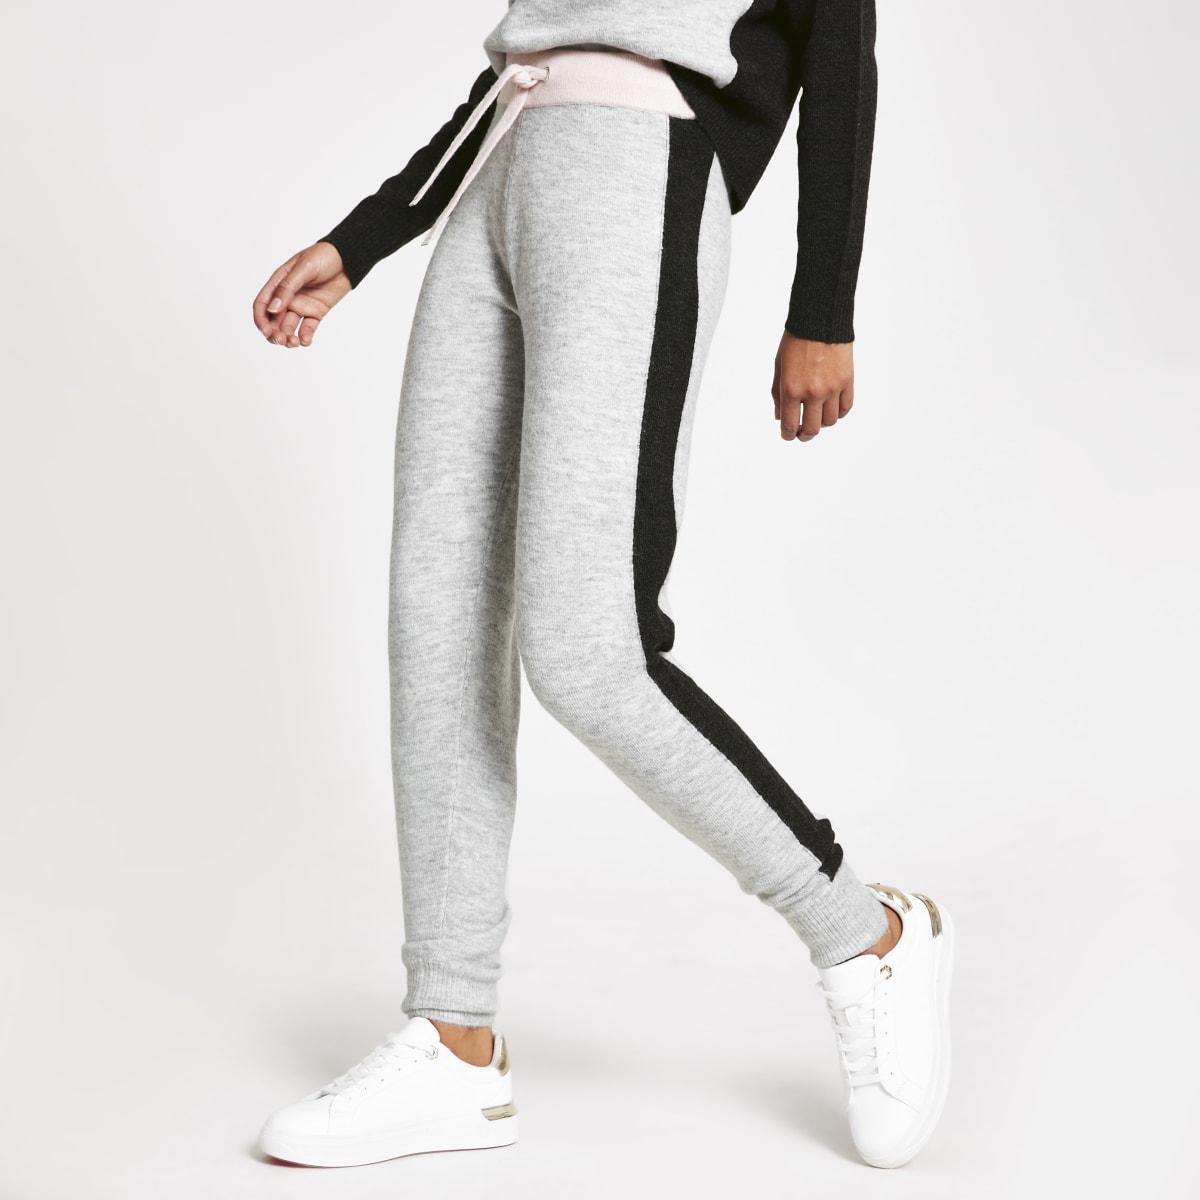 Joggingconfortcolour block gris clair